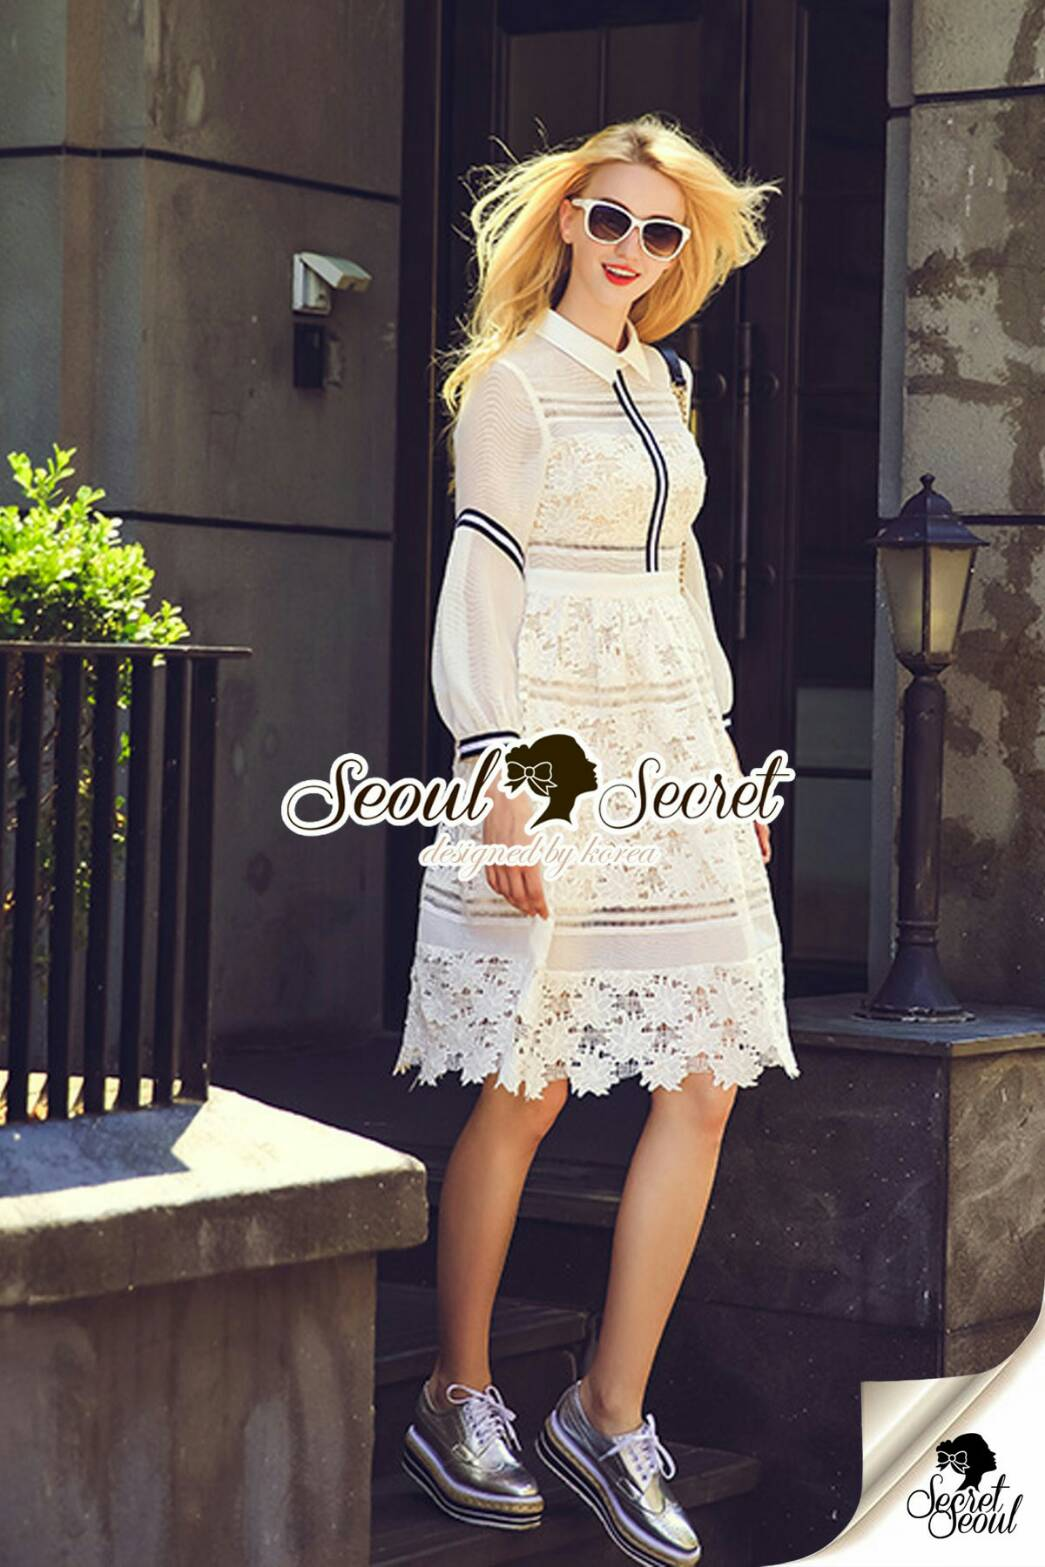 เดรสเชิ้ตสีขาวกระโปรงลูกไม้ดีไซน์สไตล์แบรนด์ by Seoul Secret พร้อมส่งไซส์ M